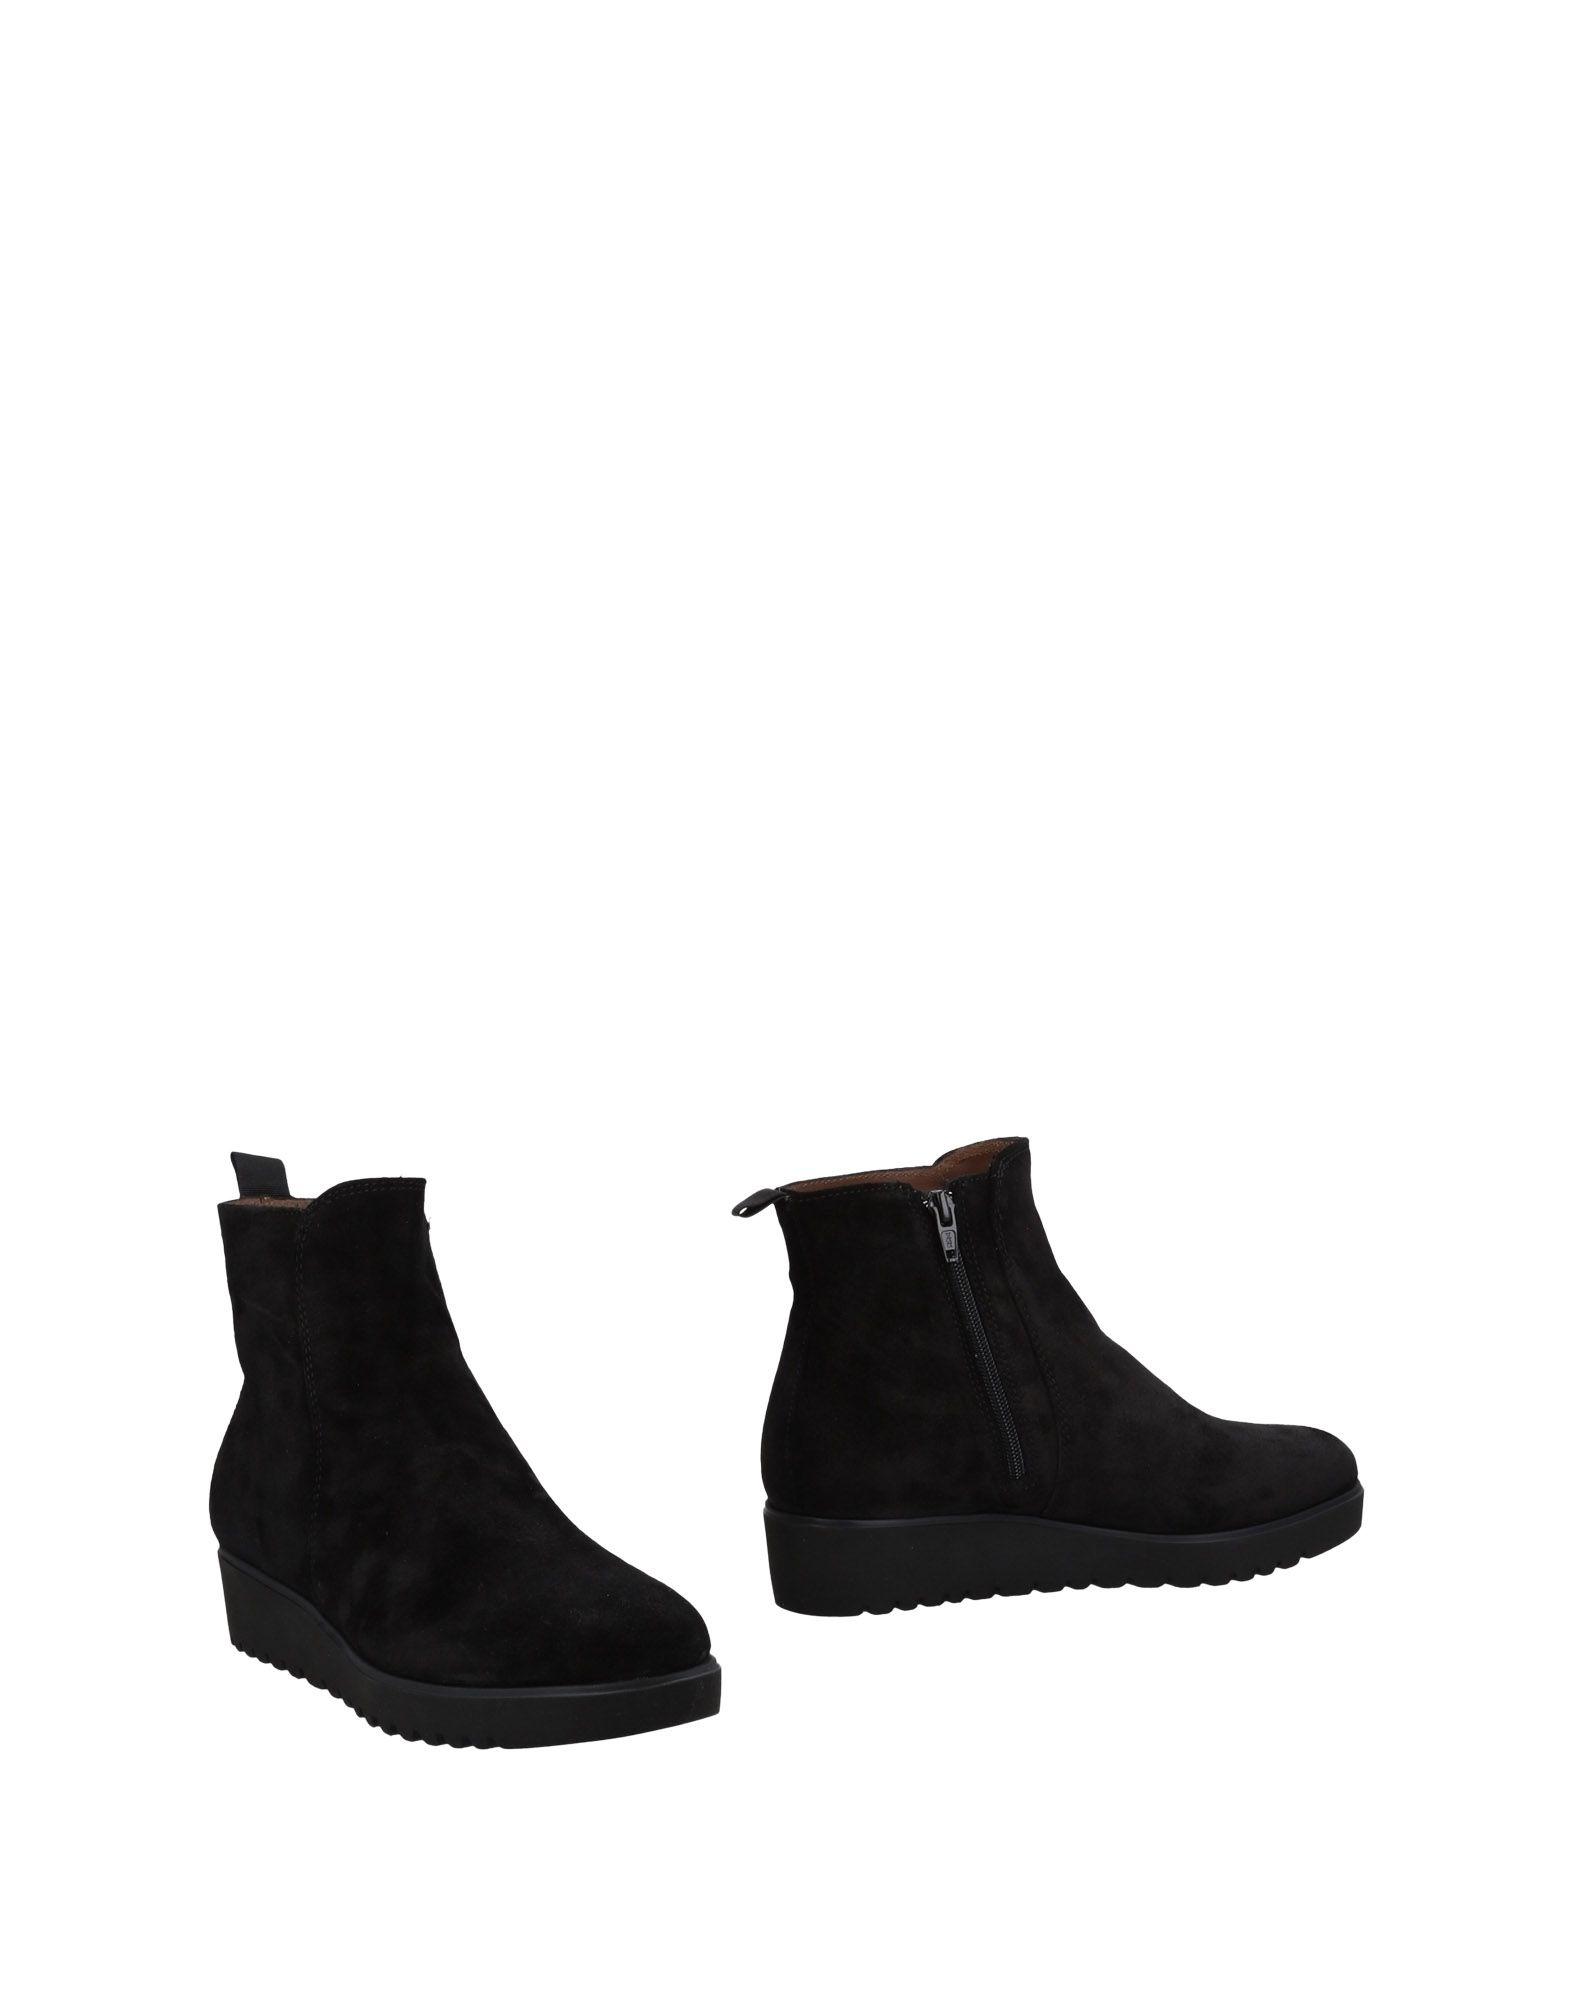 Maritan 11493435LD G Stiefelette Damen  11493435LD Maritan Gute Qualität beliebte Schuhe 612336